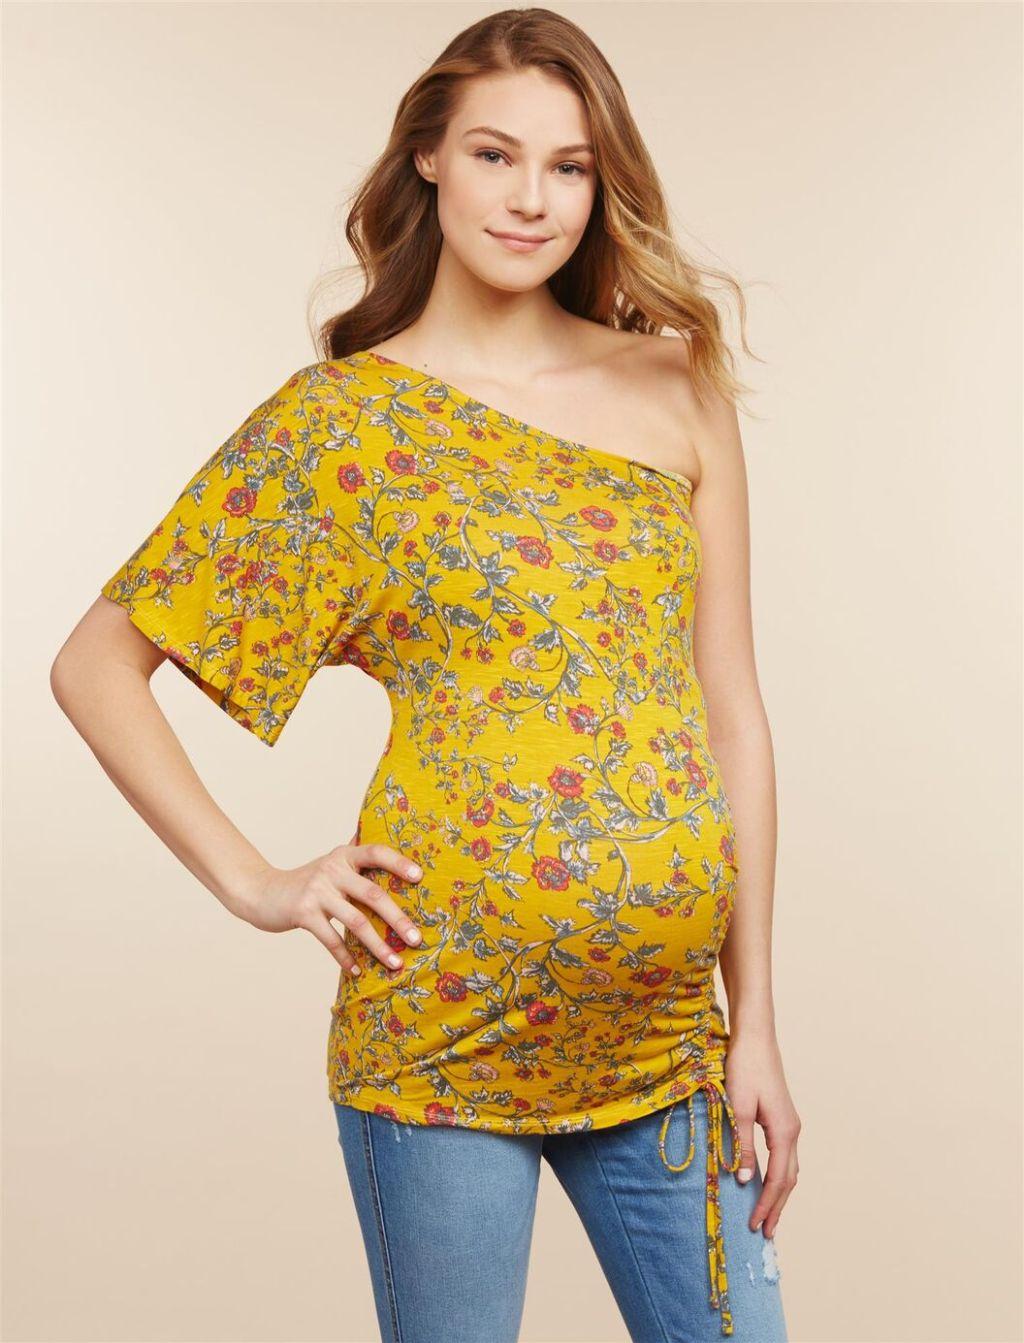 Motherhood Maternity Jessica Simpson Tee